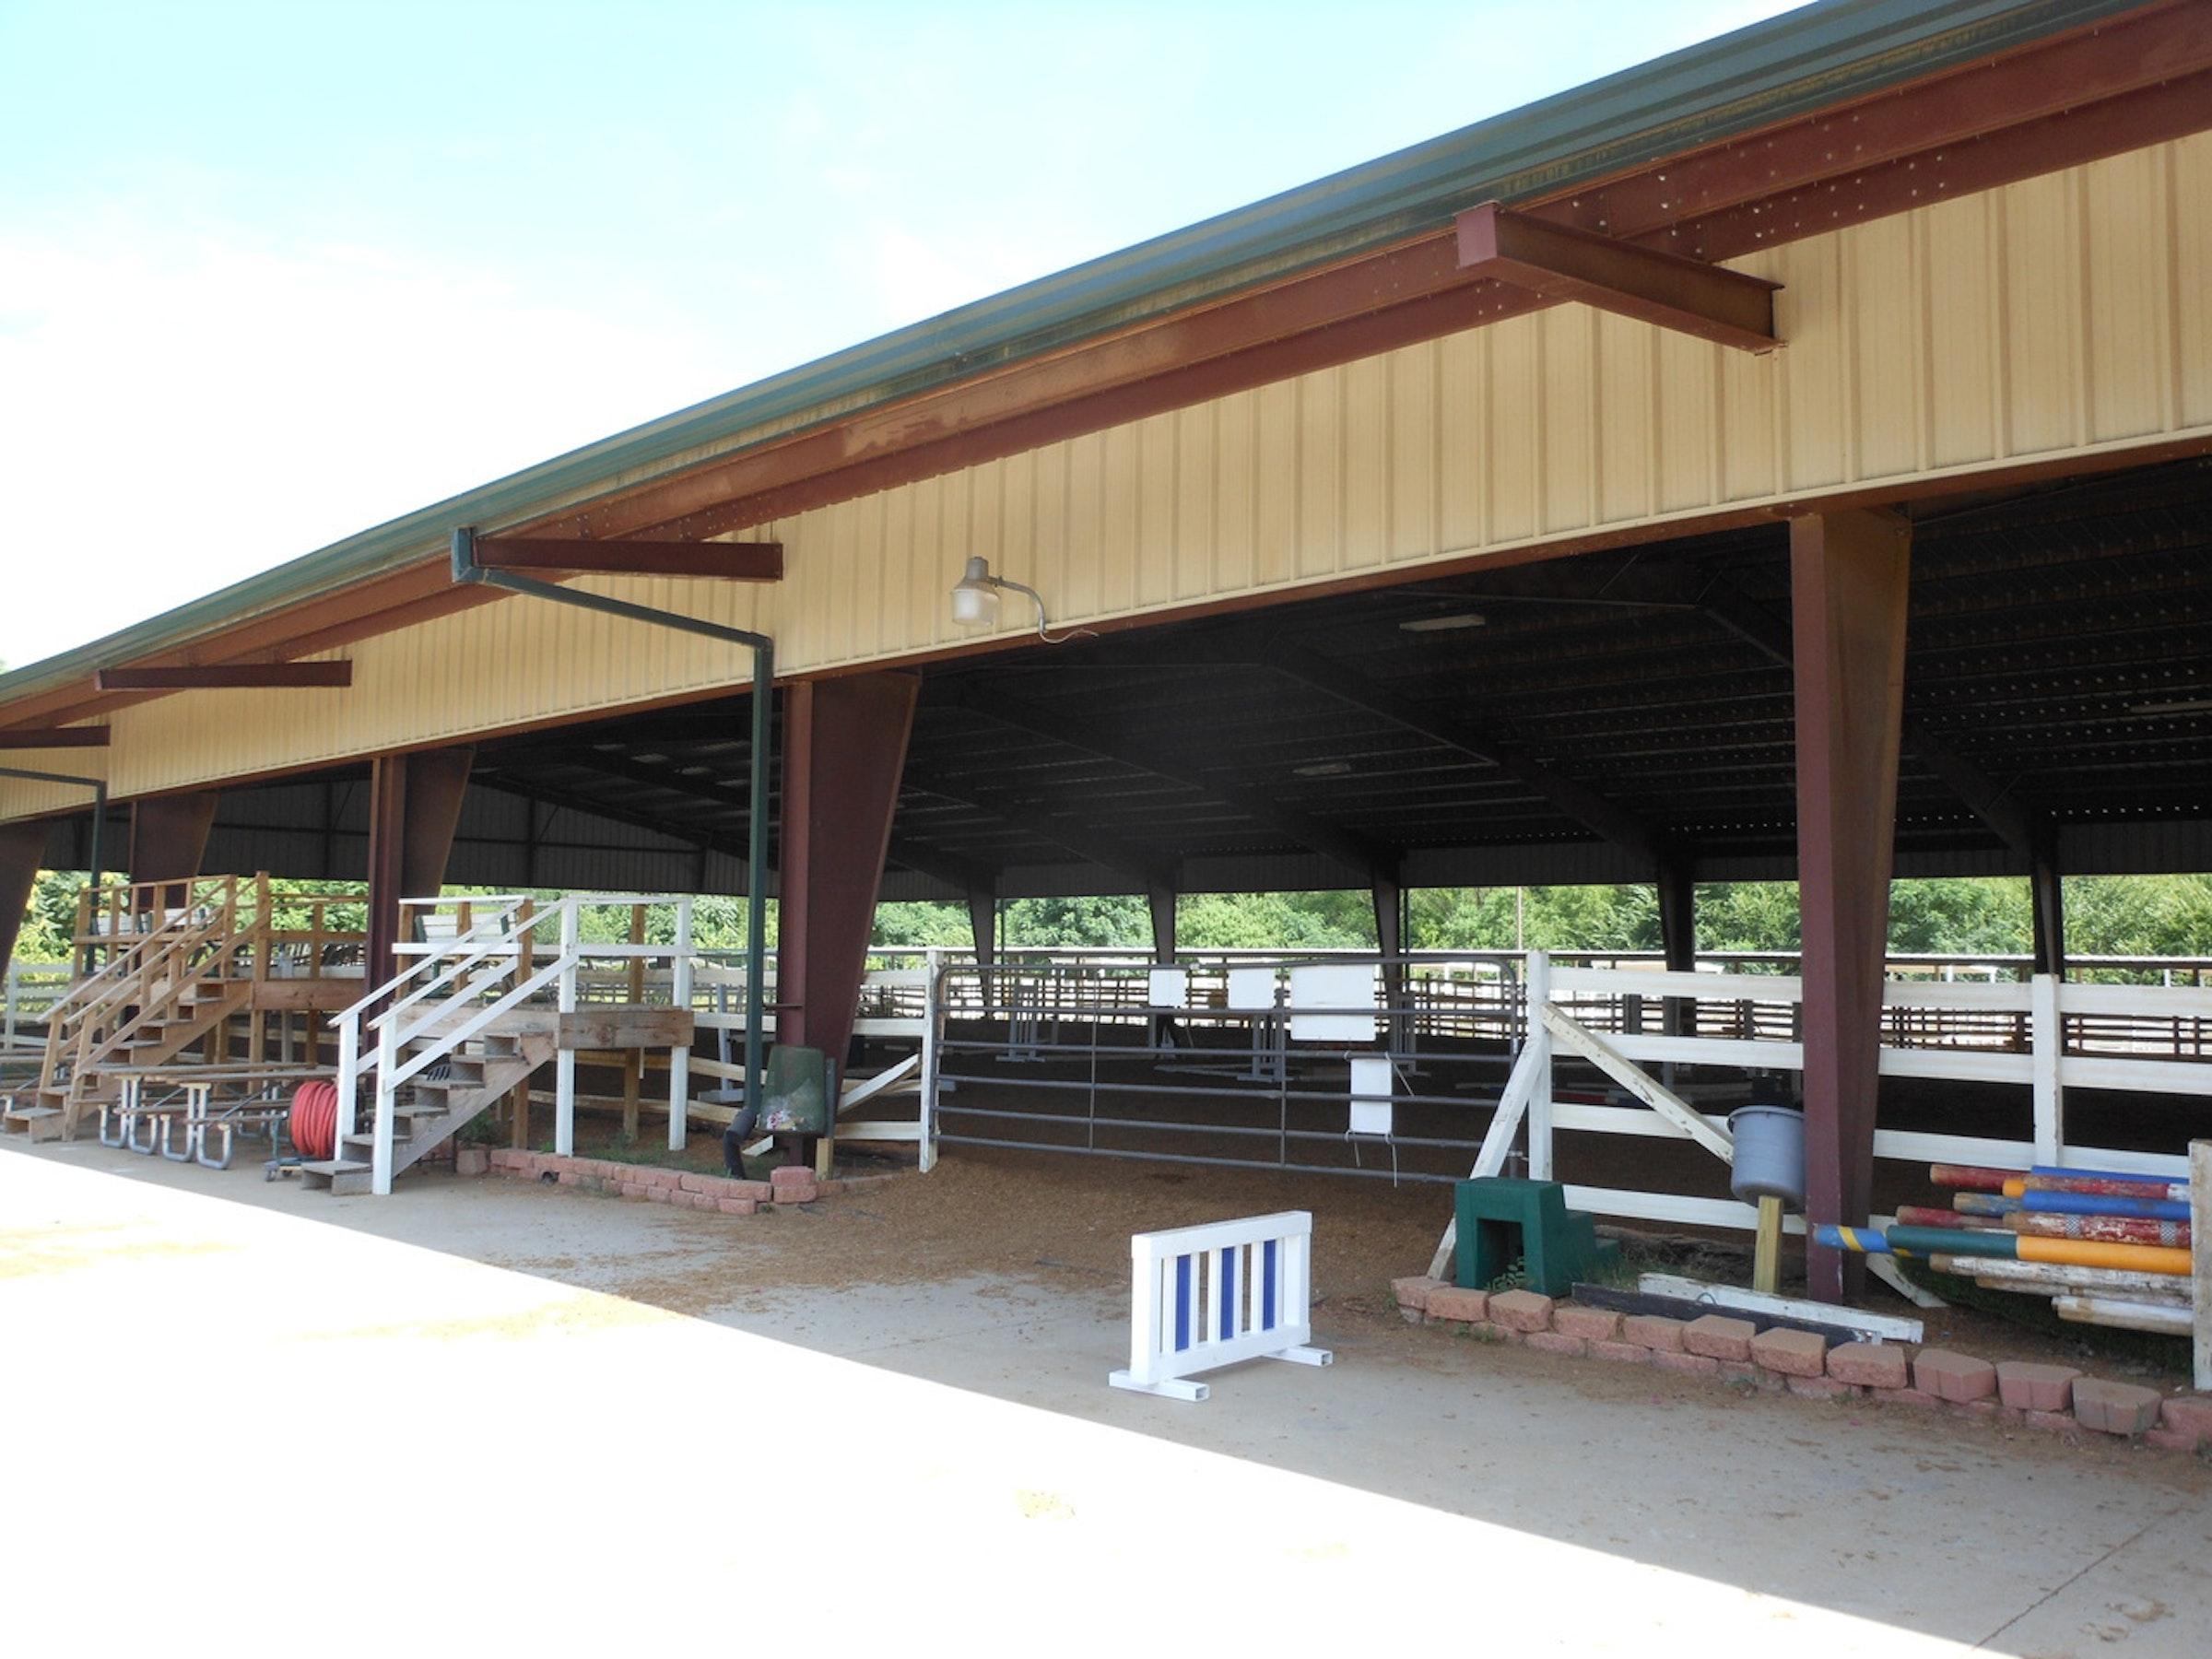 Dallas Equestrian Center in Beyond Dallas